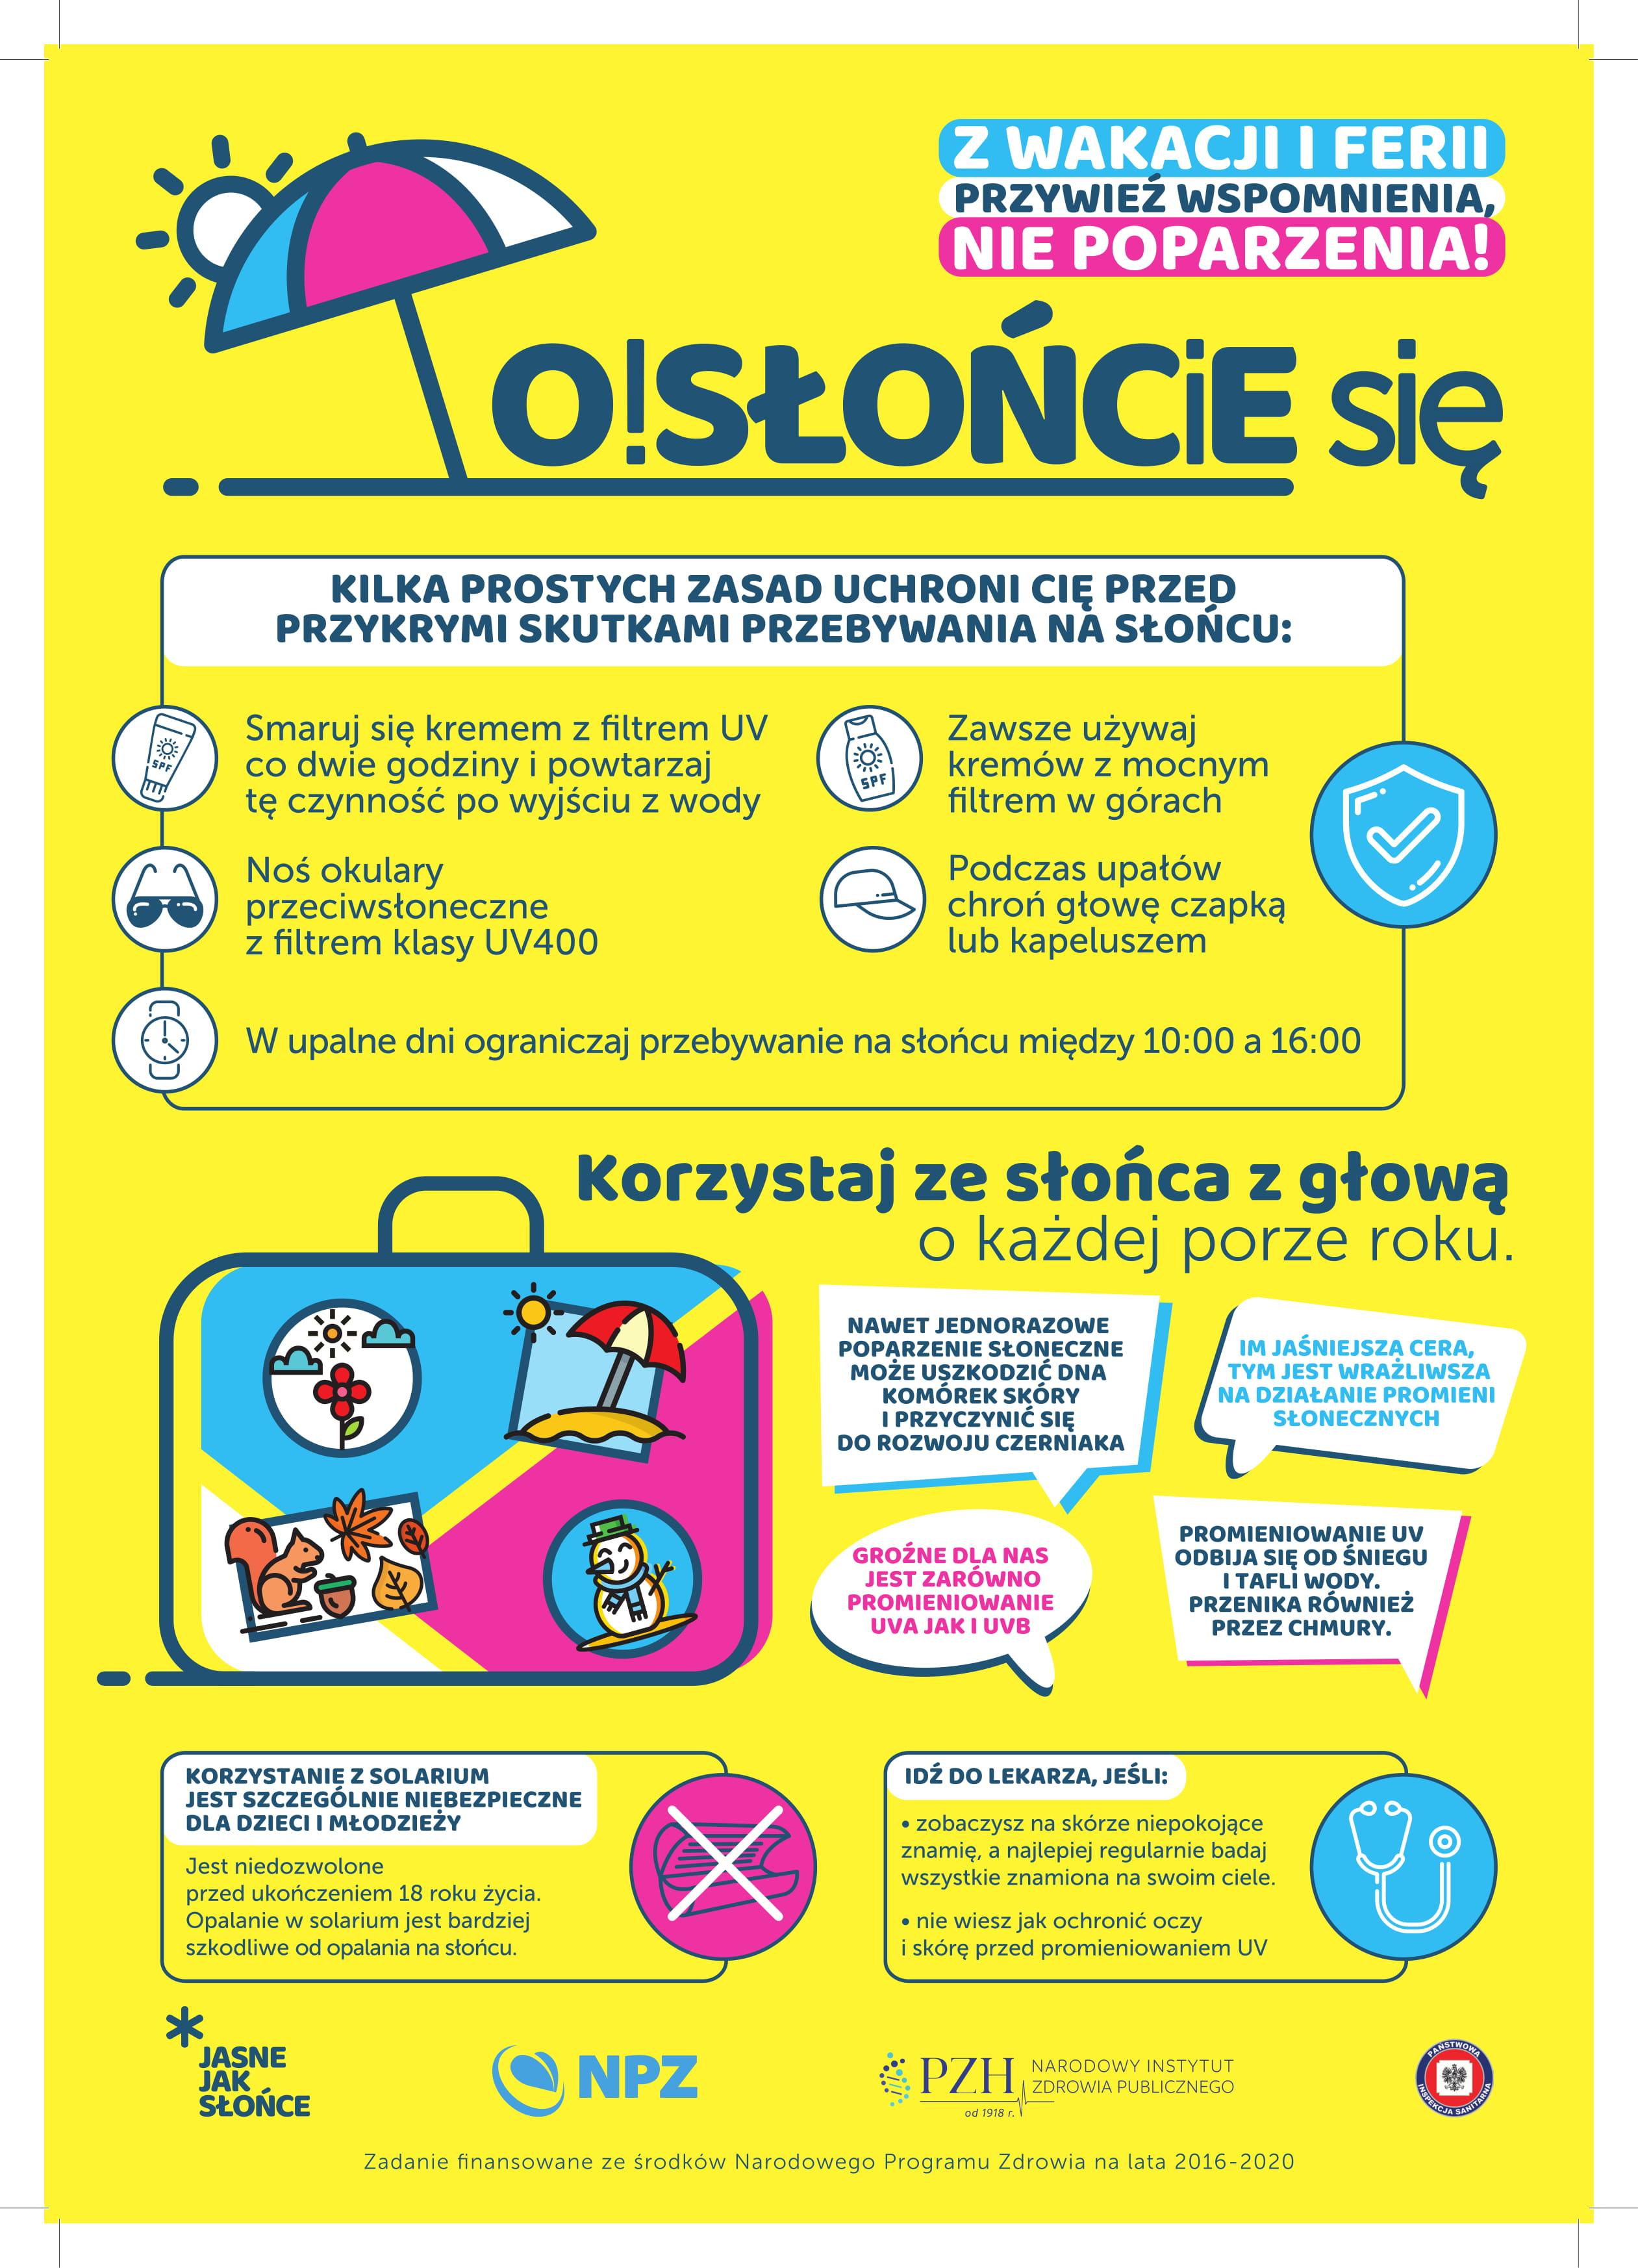 O_SLONCiE_sie_plakat_OK_podstaw+-wka-1